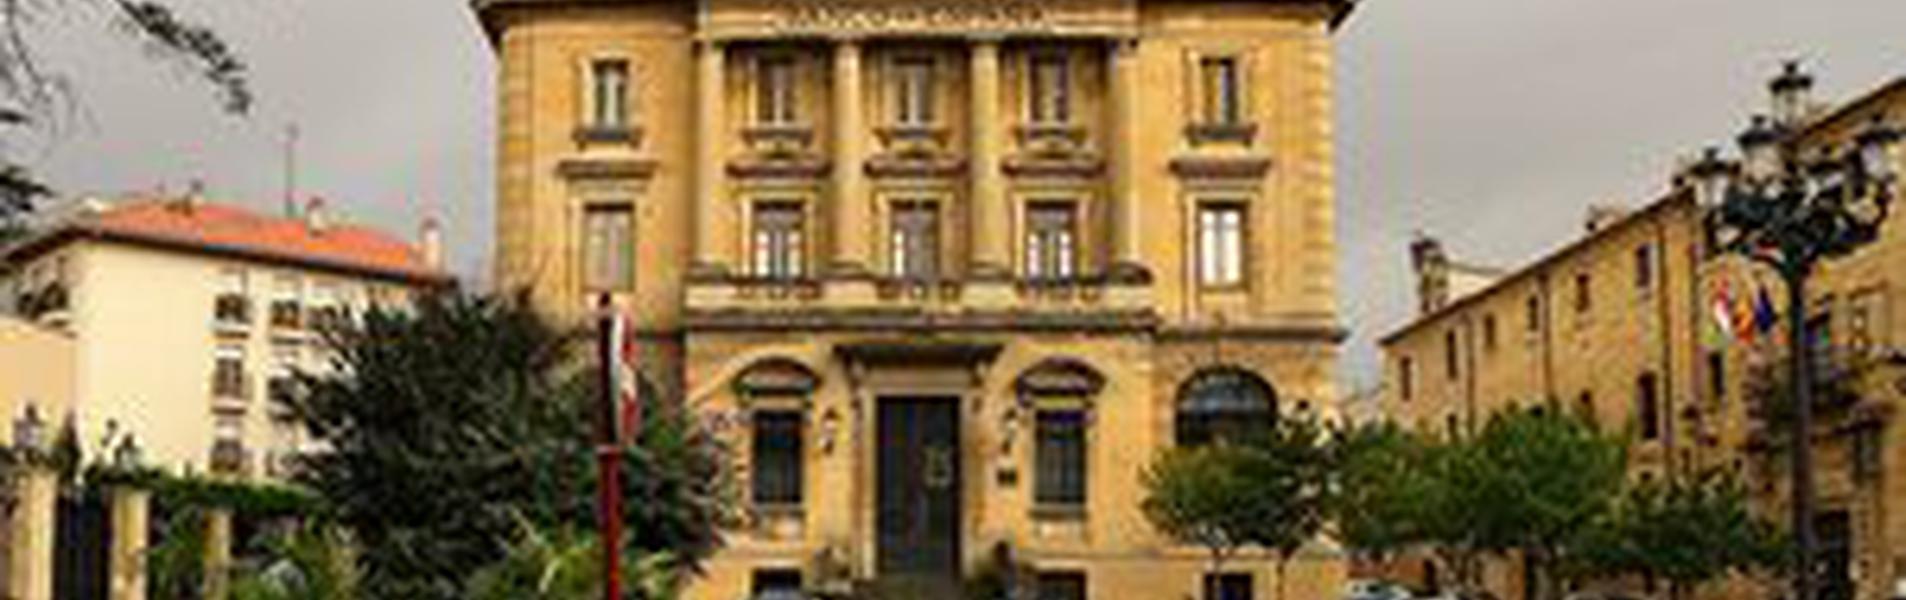 Antigua sede del Banco de España